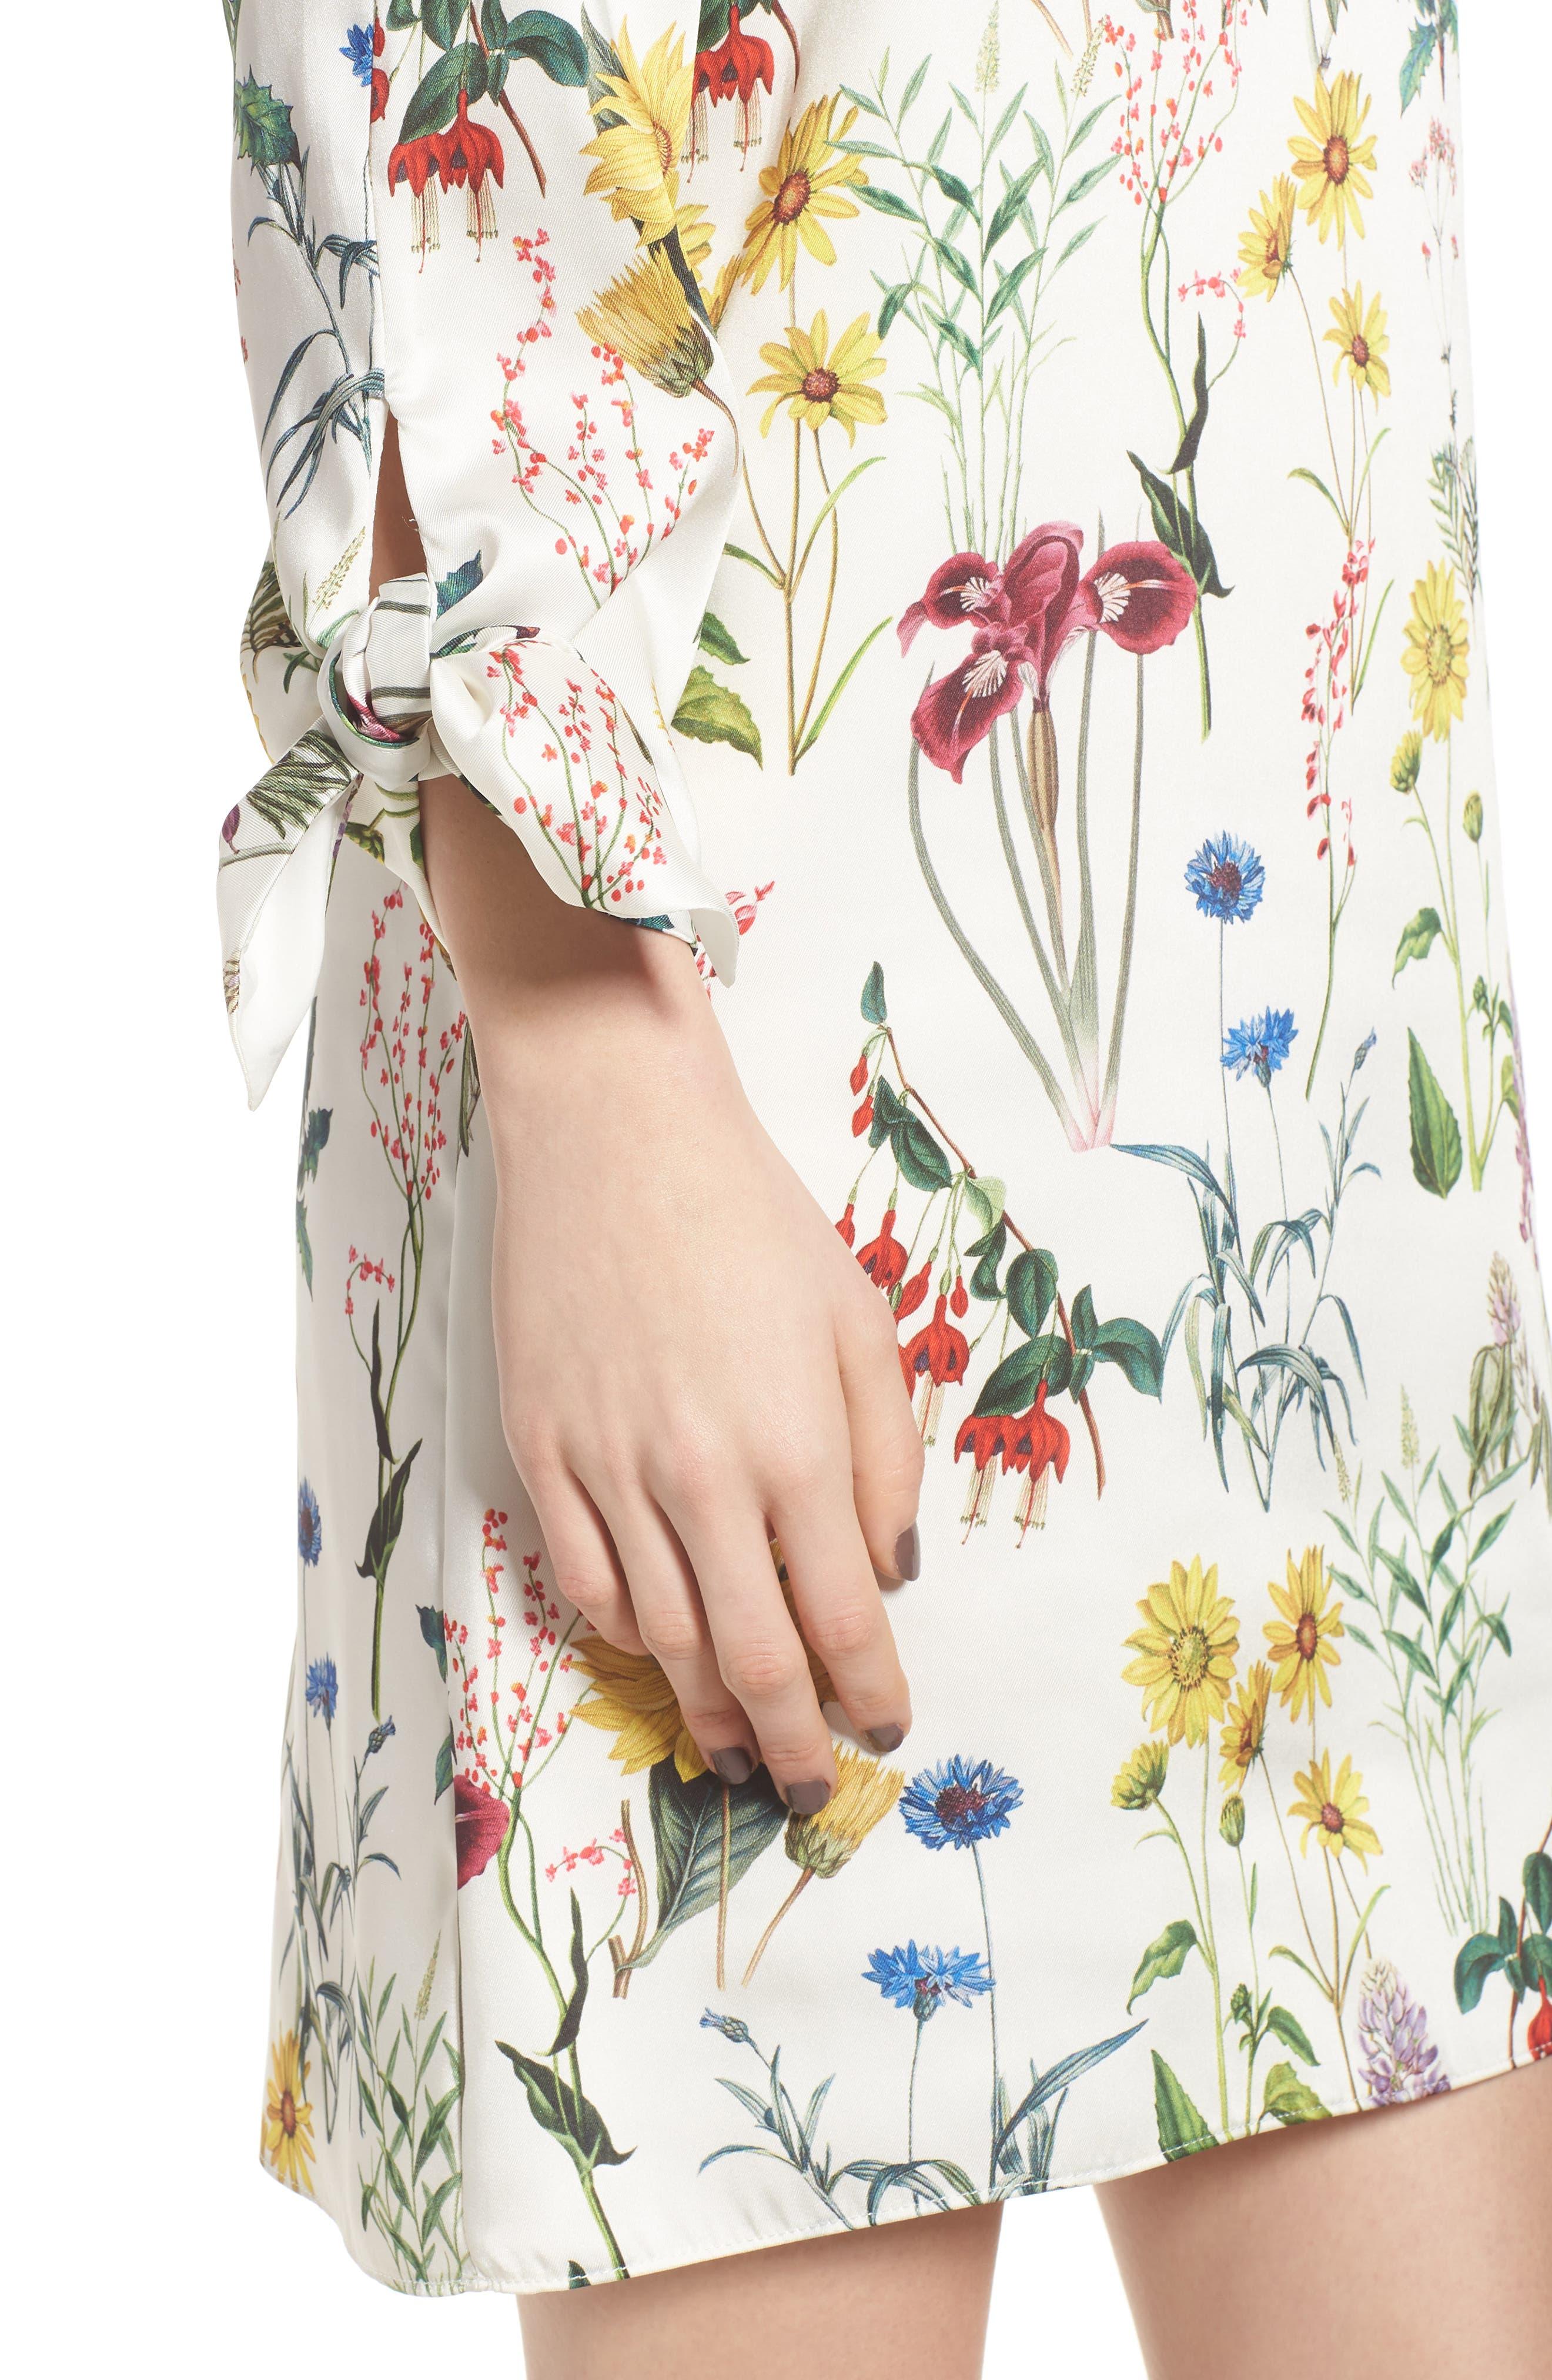 Botanical Off the Shoulder Shift Dress,                             Alternate thumbnail 4, color,                             Botanical Print/ Chalk